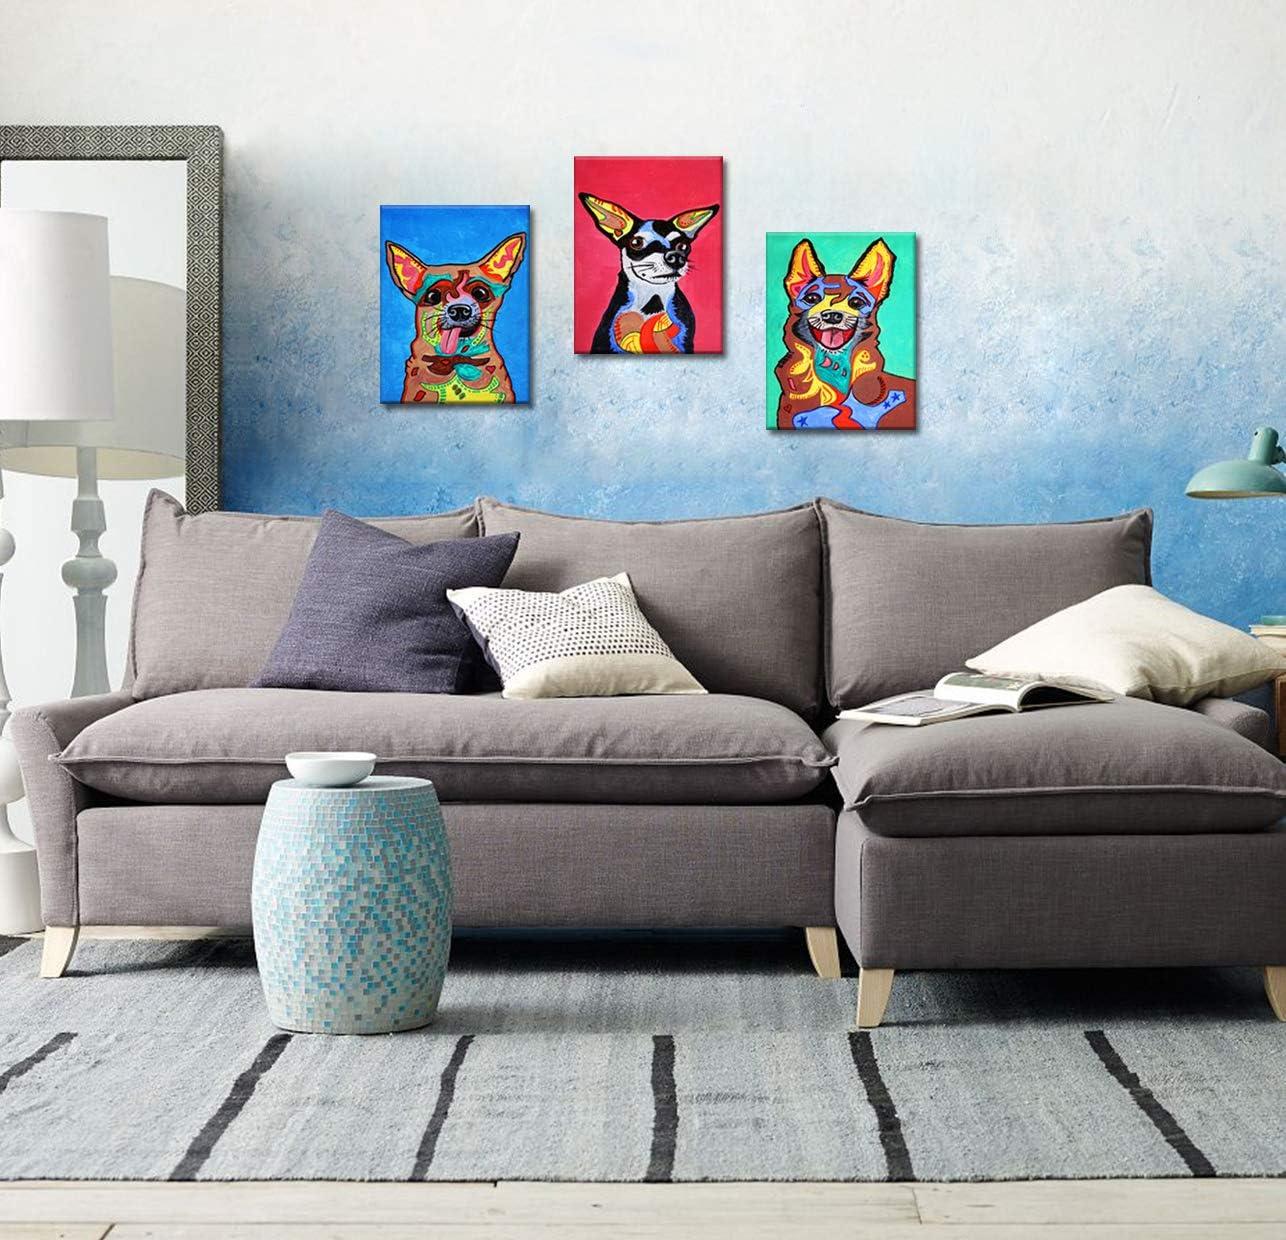 CUFUN Art Paon Bleu Debout sur Une Branche en Bois encadr/é Photo Imprime sur Toile d/écor /à la Maison 12x16inx2pcs